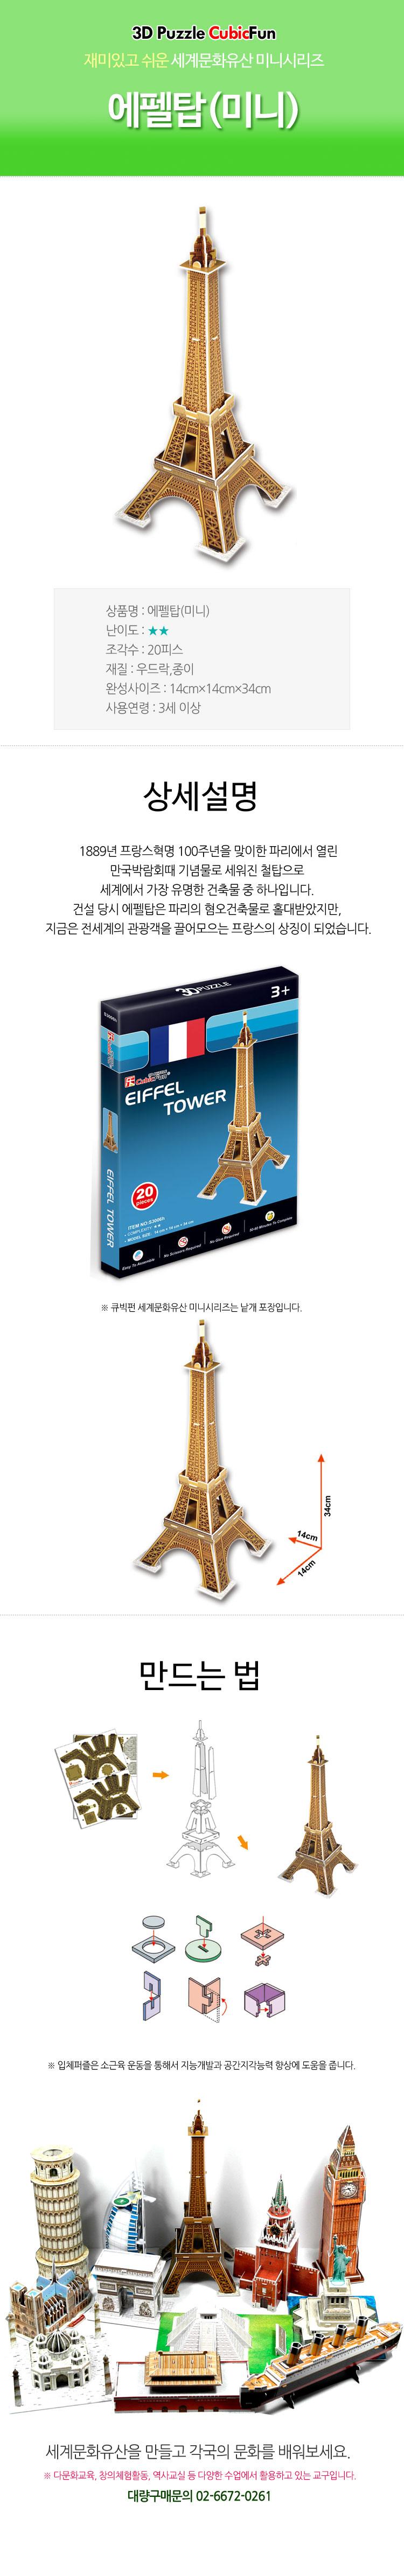 세계유명건축물 입체퍼즐 에펠탑 미니 - 큐빅펀, 2,970원, 조각/퍼즐, 3D입체퍼즐